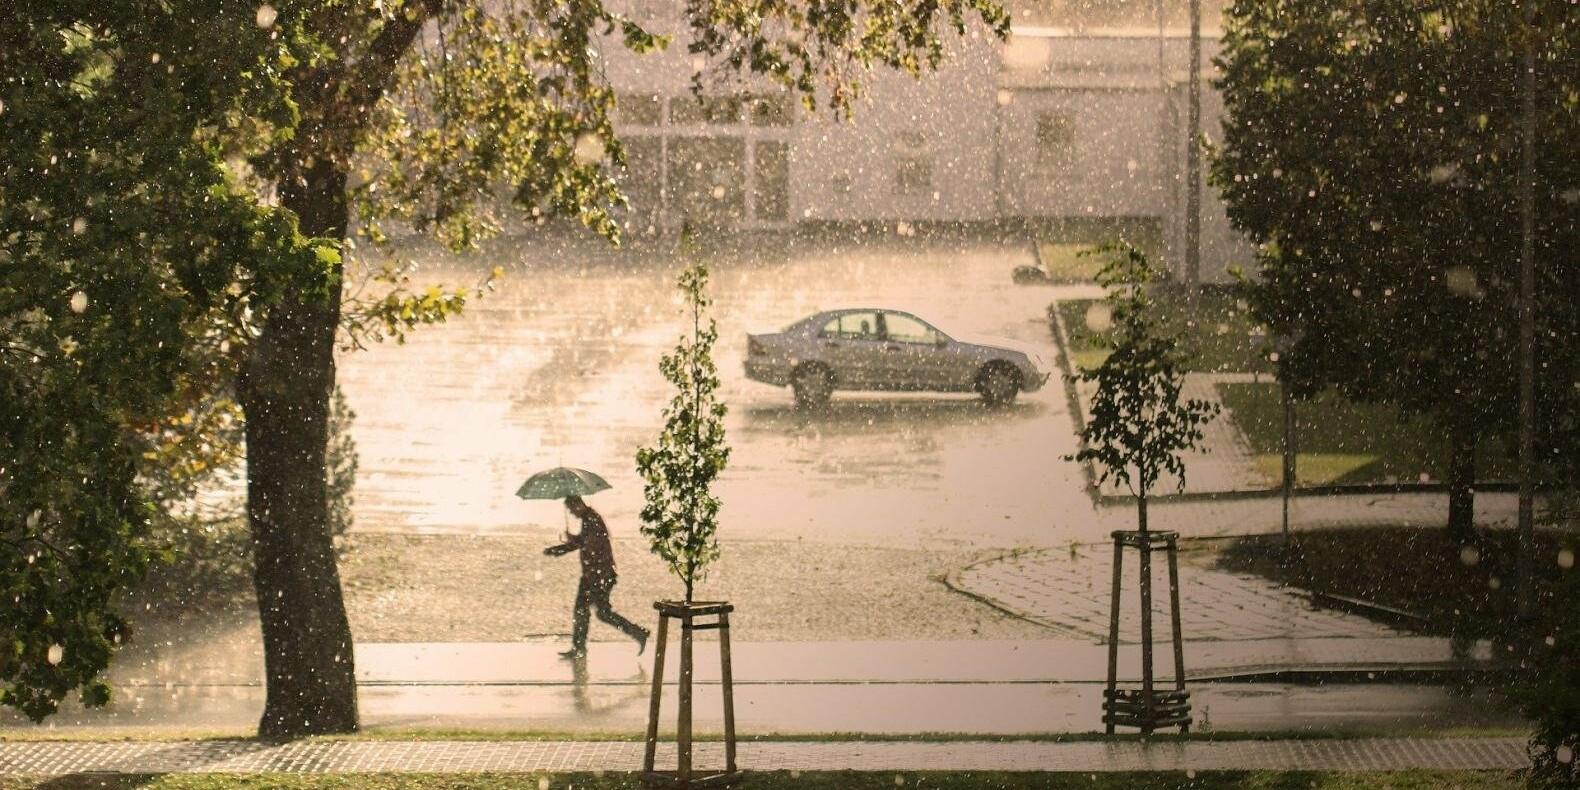 Грозу с осадками и до 30 градусов тепла прогнозируют в Алматы 10  июня